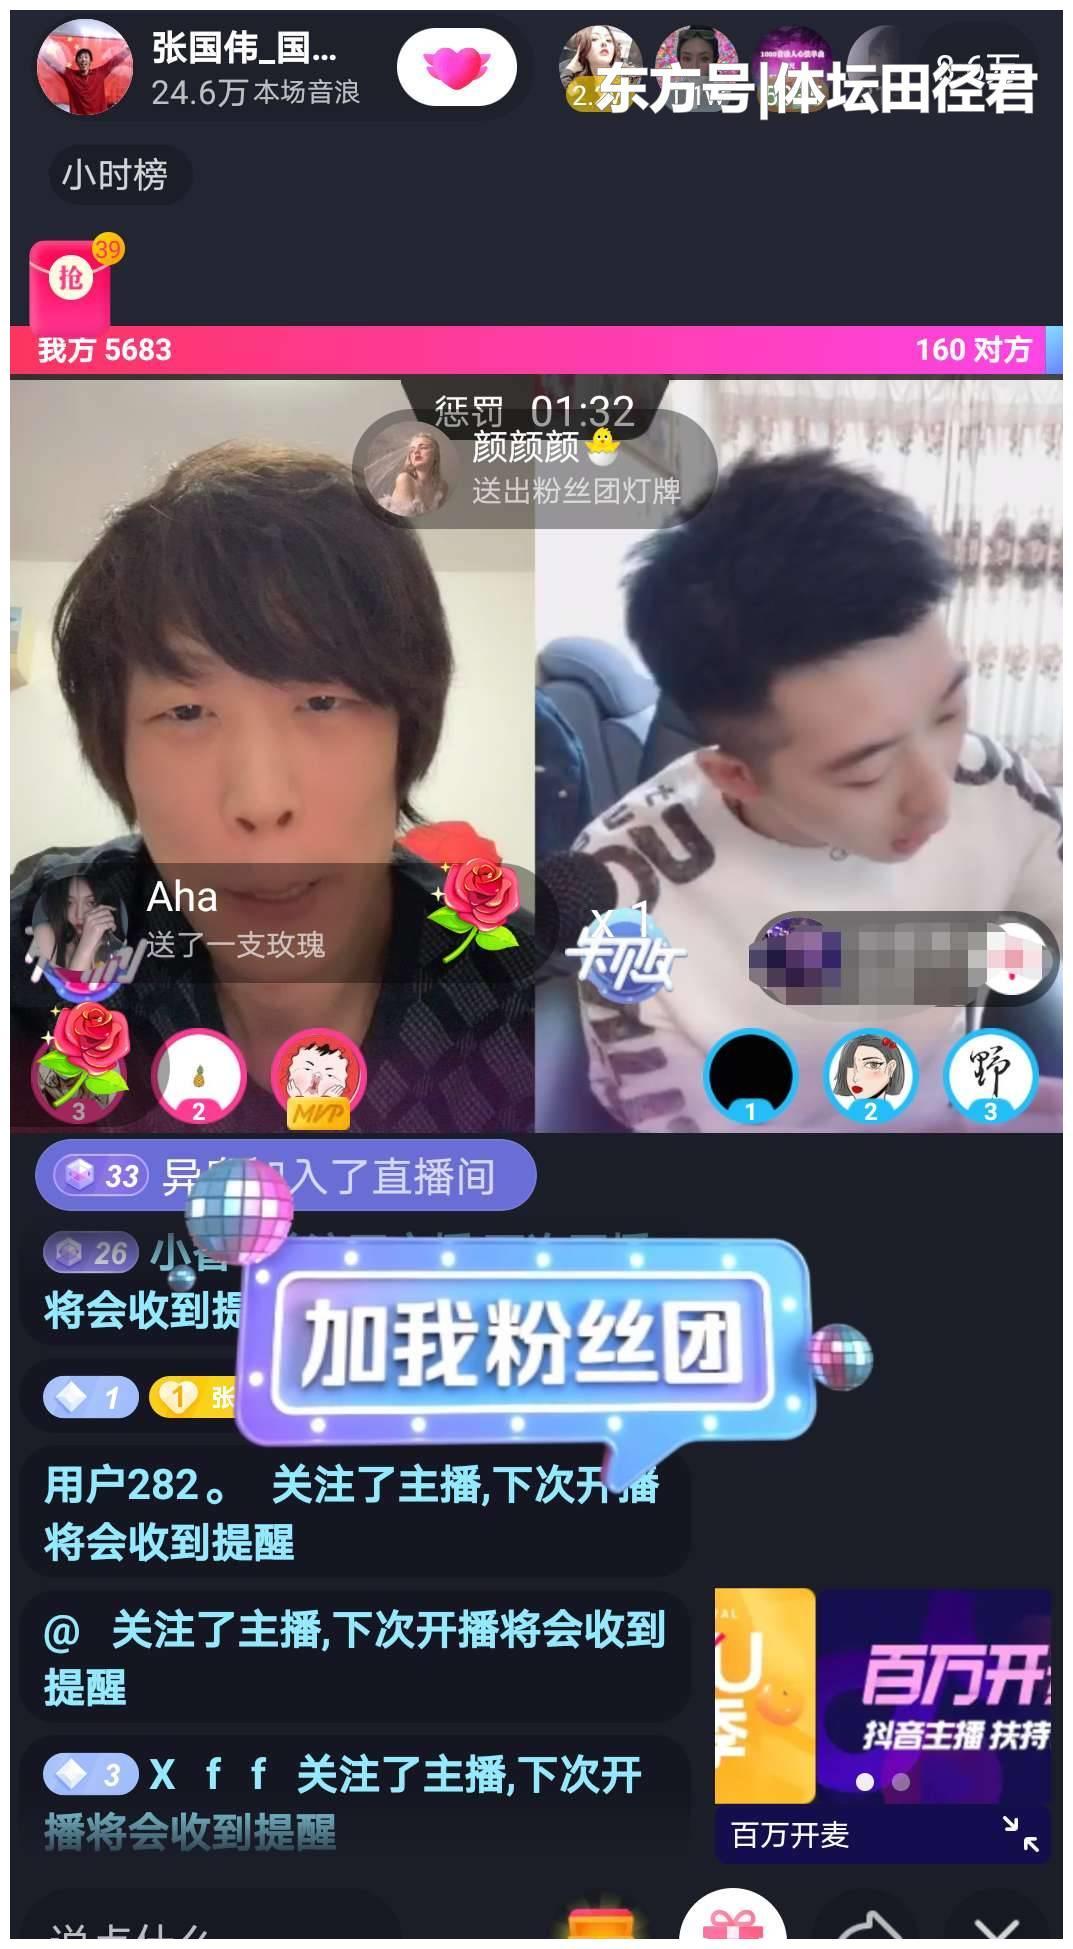 要转为网红?中国田径世锦赛亚军粉丝800多万,直播有8万多人